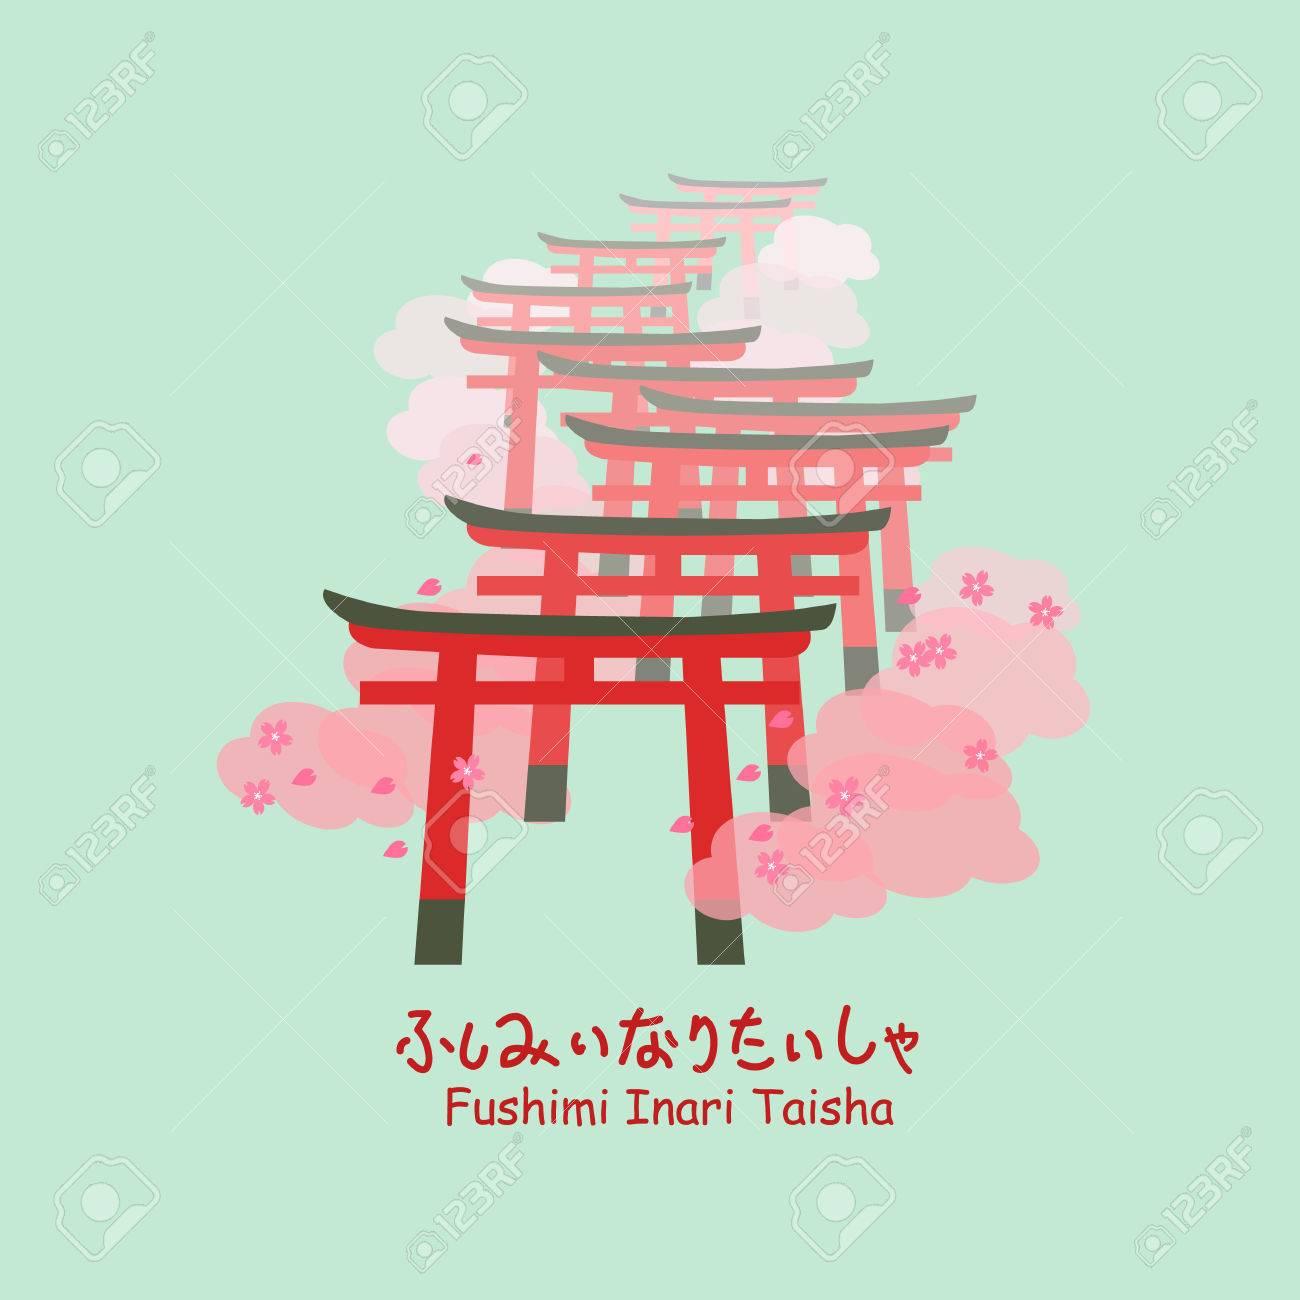 伏見稲荷神社京都市日本 語の下の伏見稲荷大社の鳥居のイラスト